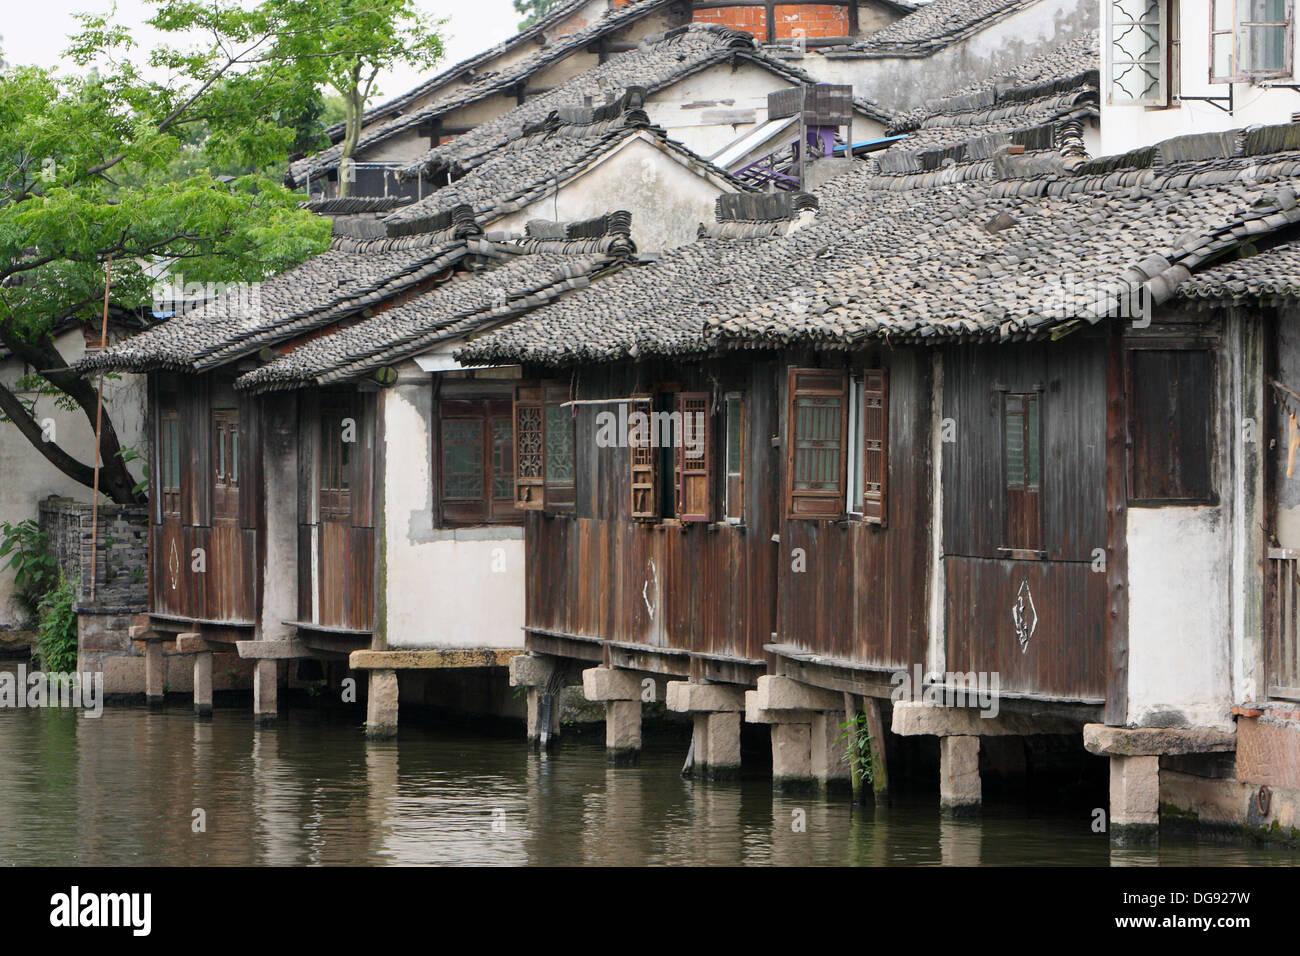 Case Tradizionali Cinesi : Cinese tradizionale case popolari lungo un fiume nella città di wu